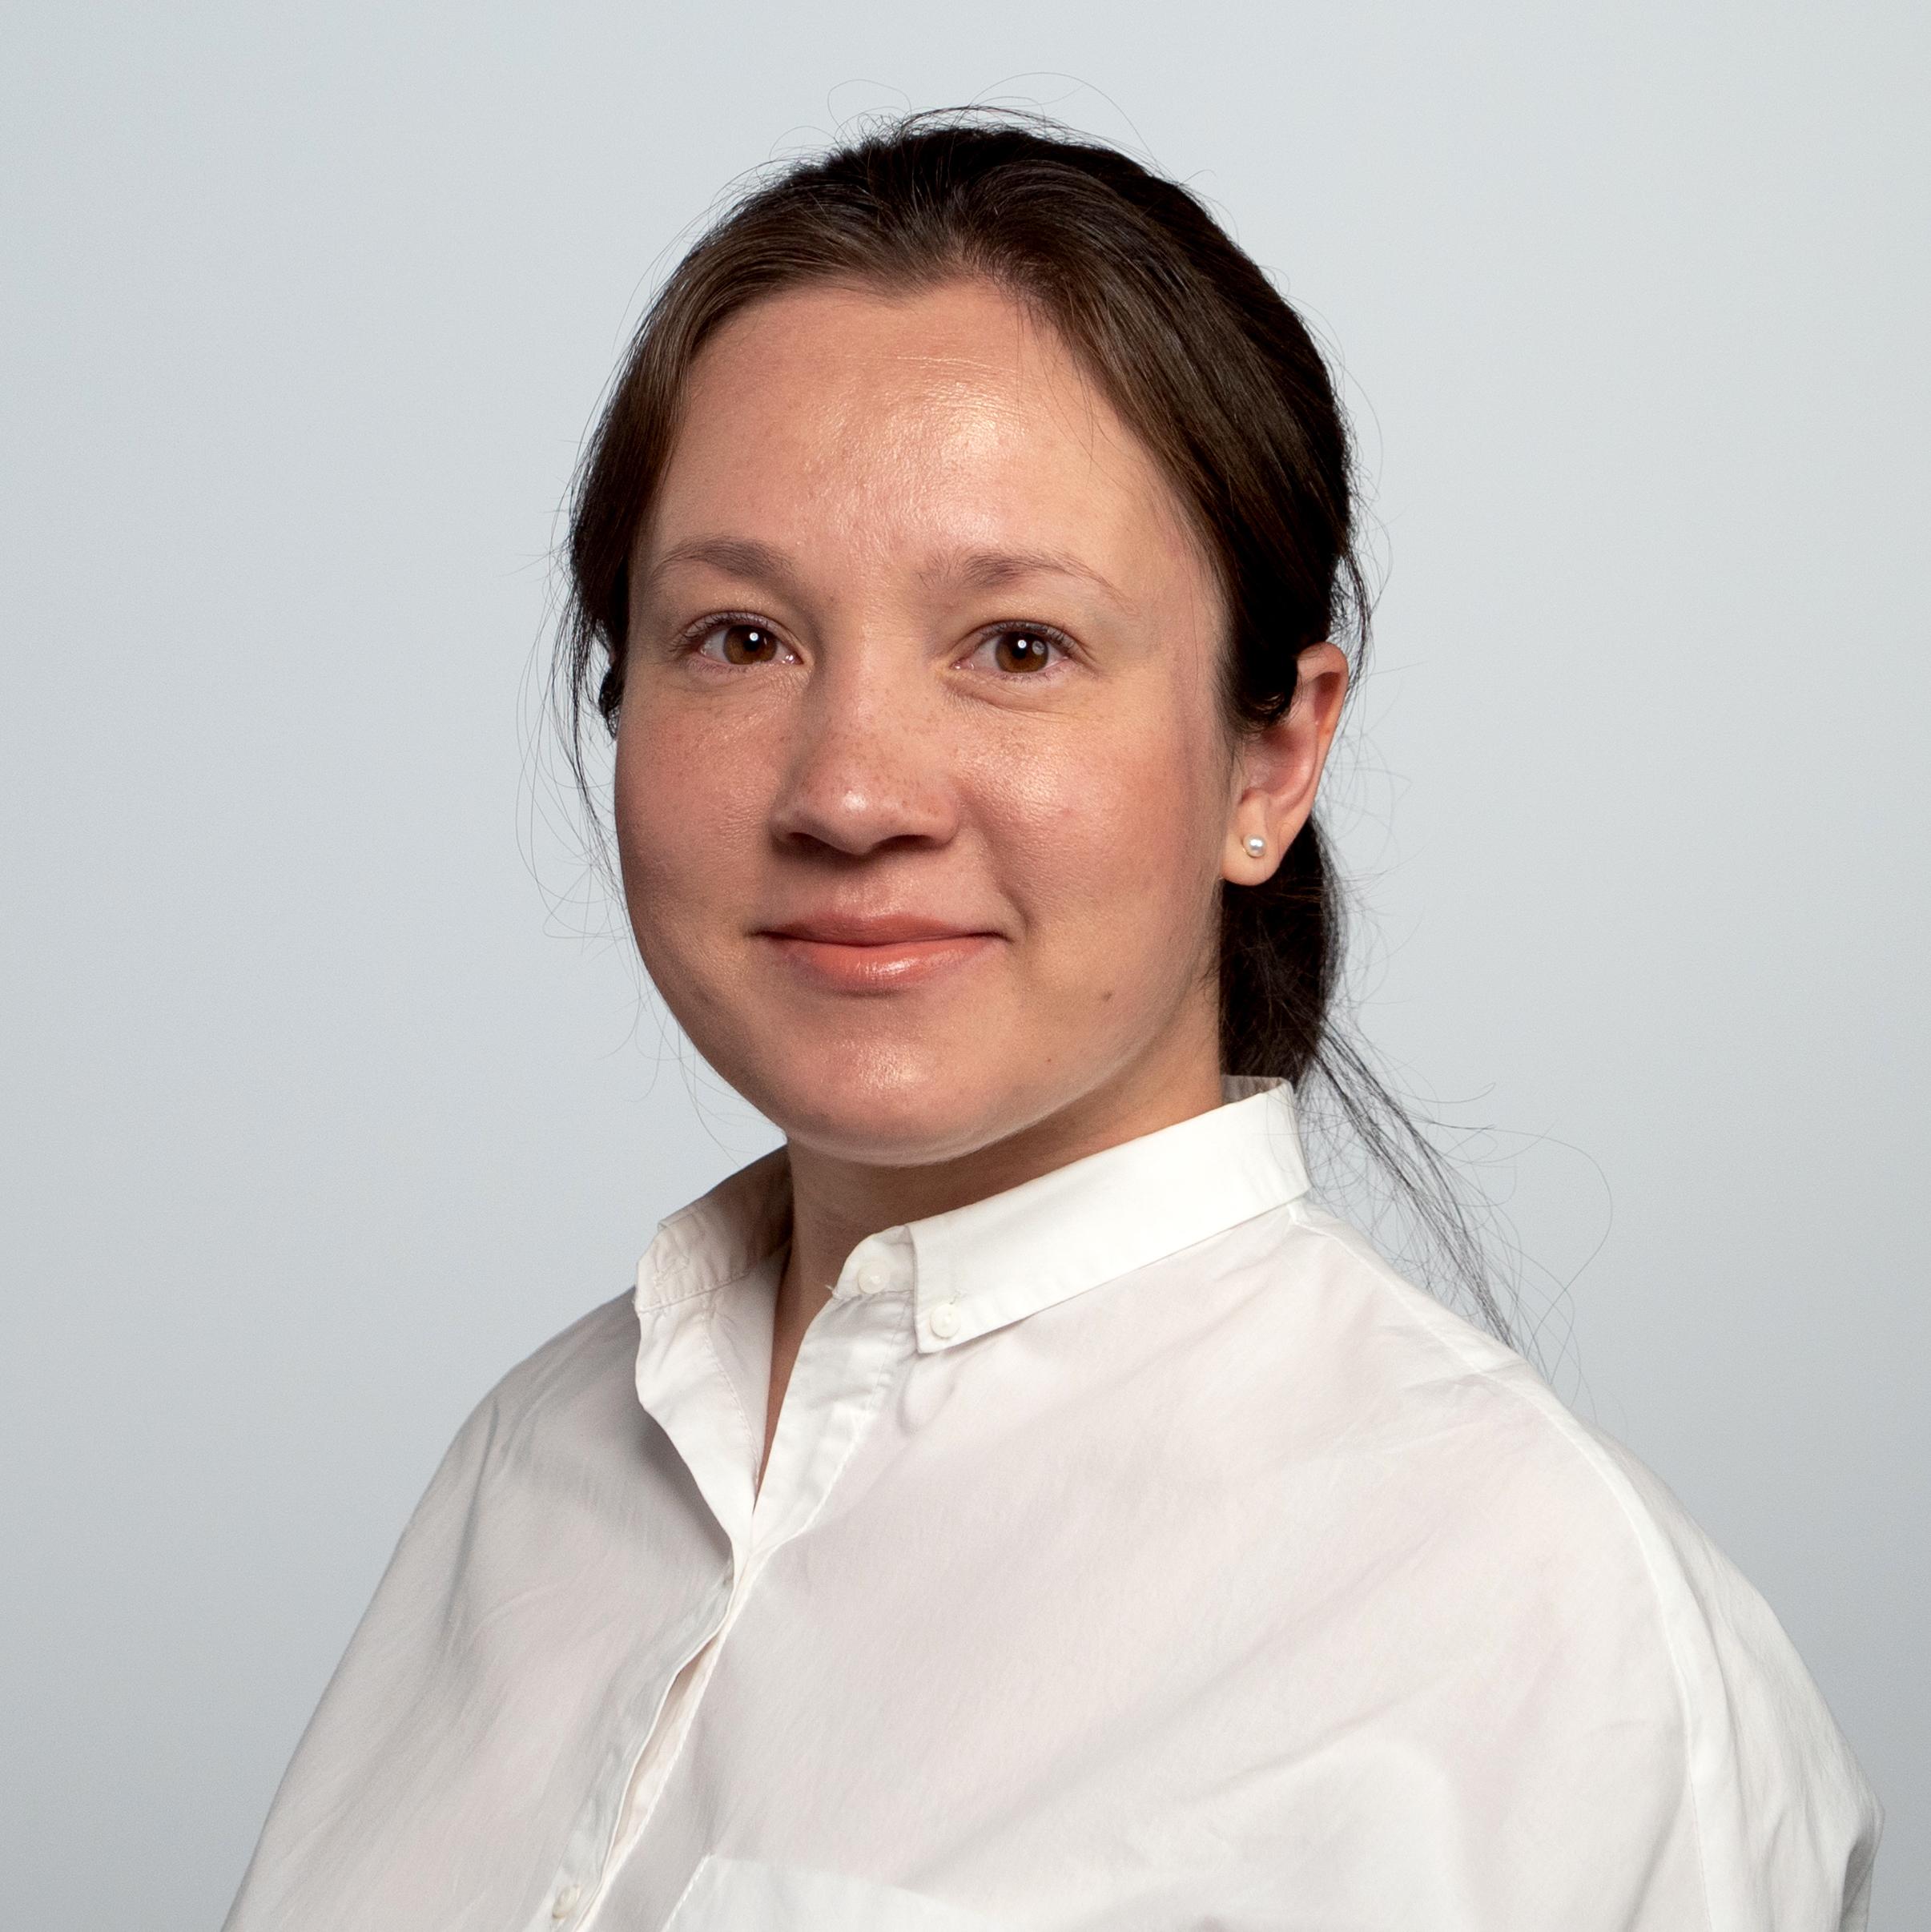 Федоренко Ольга Ярославовна